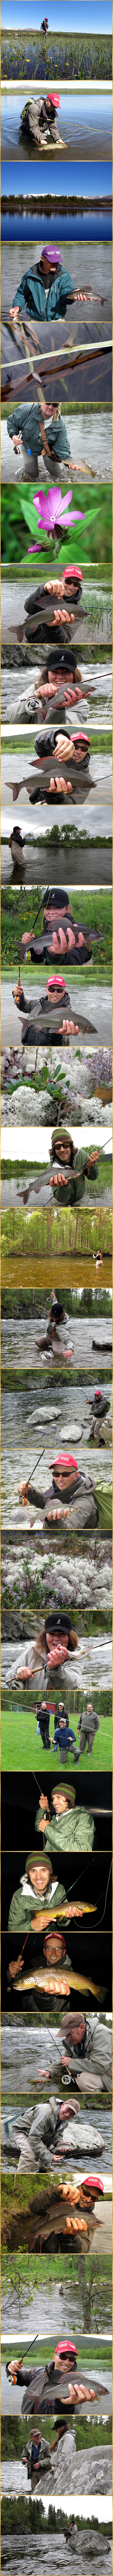 flyfishing with bernd ziesche